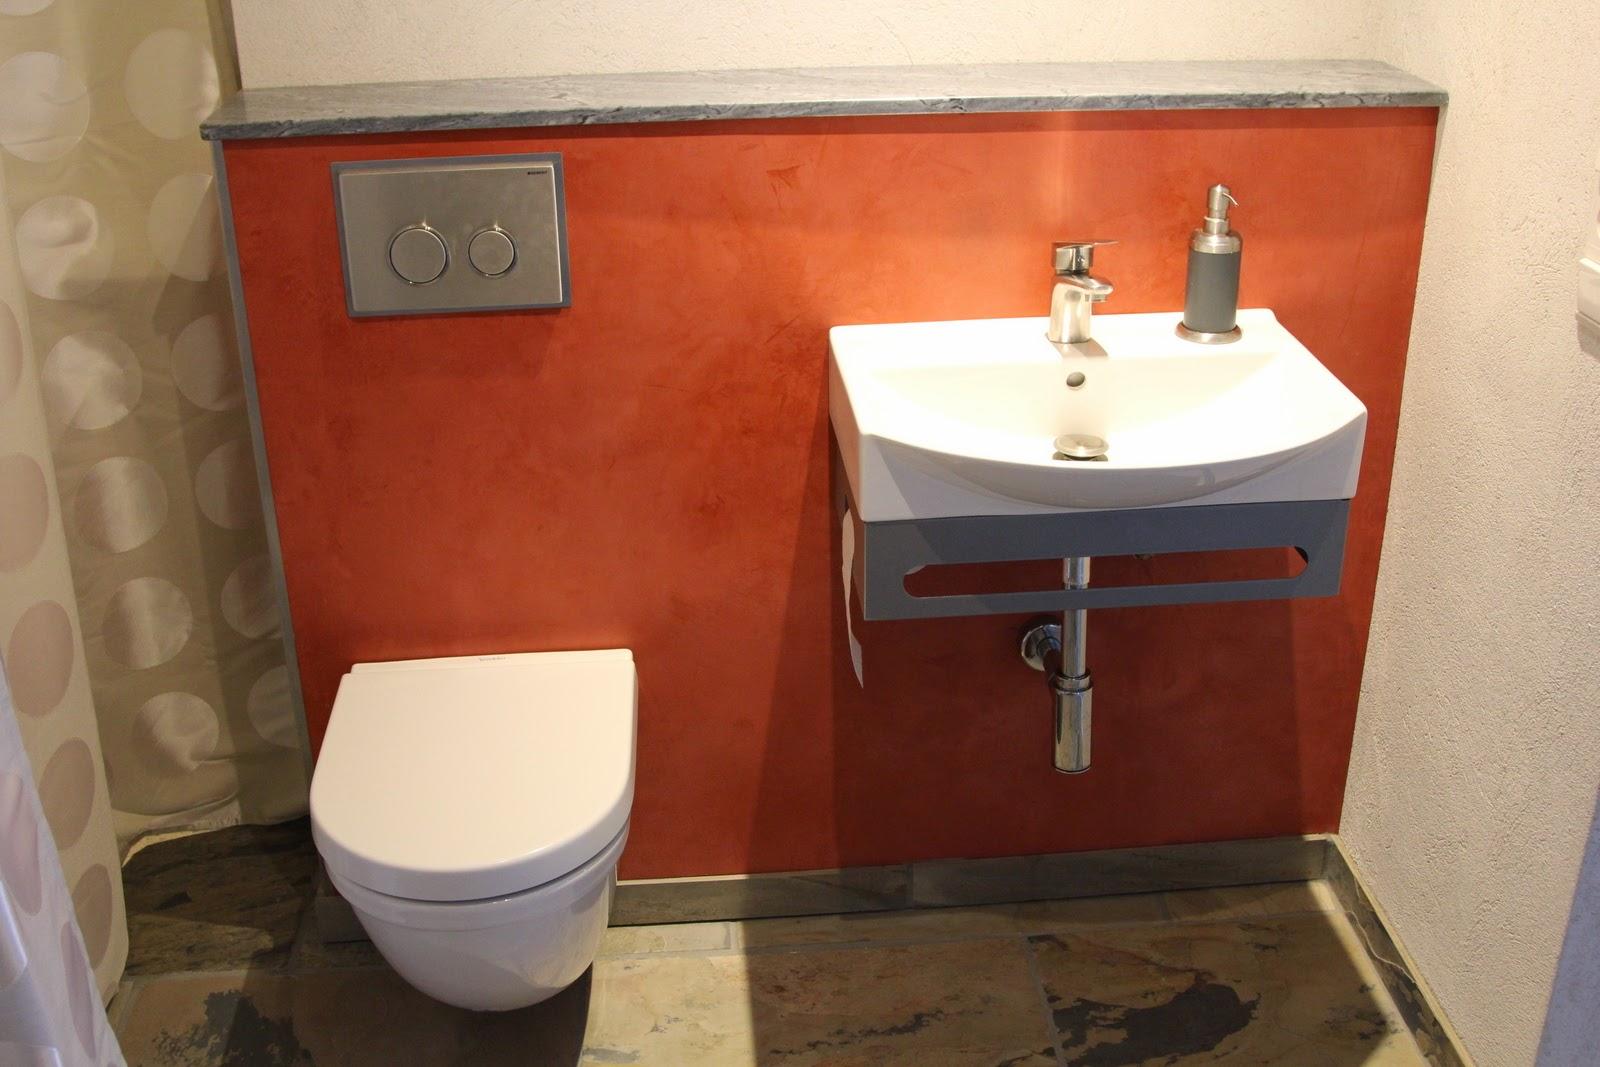 Villa Natura ekologiskt hus Österlen projektledare tadelakt badrum